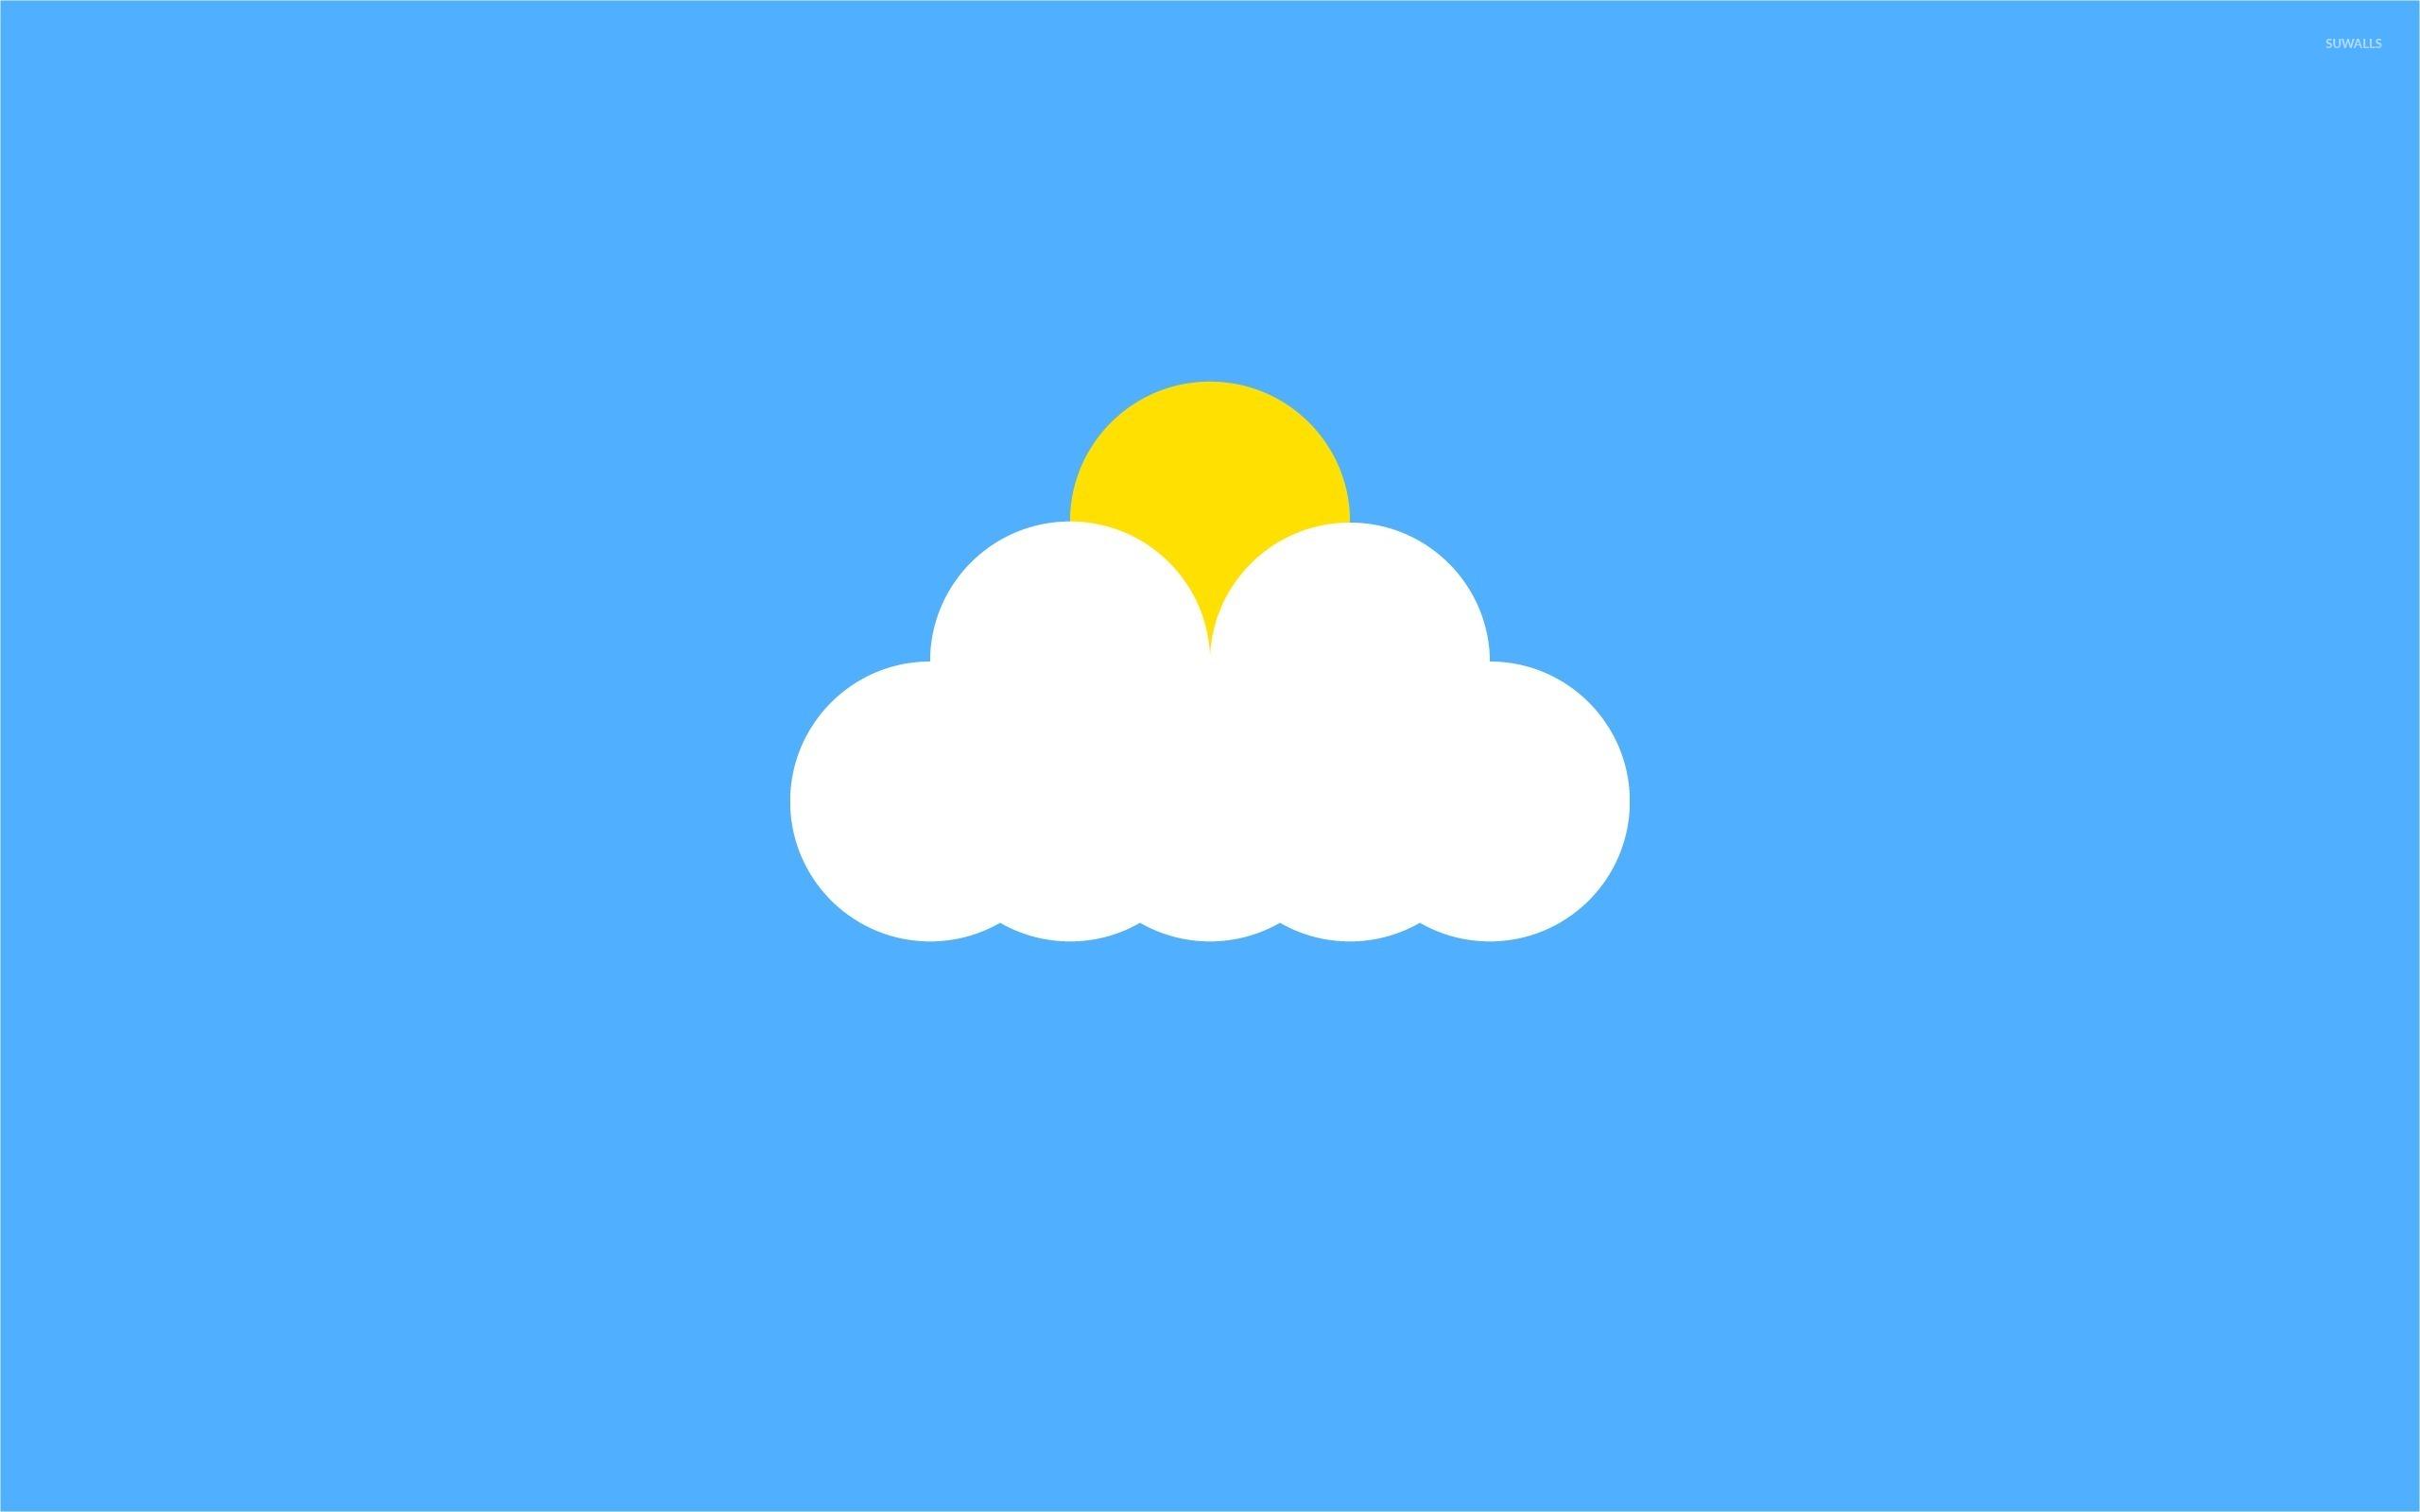 Game Of Thrones Quotes Desktop Wallpaper Sun Behind The Cloud Wallpaper Vector Wallpapers 53504